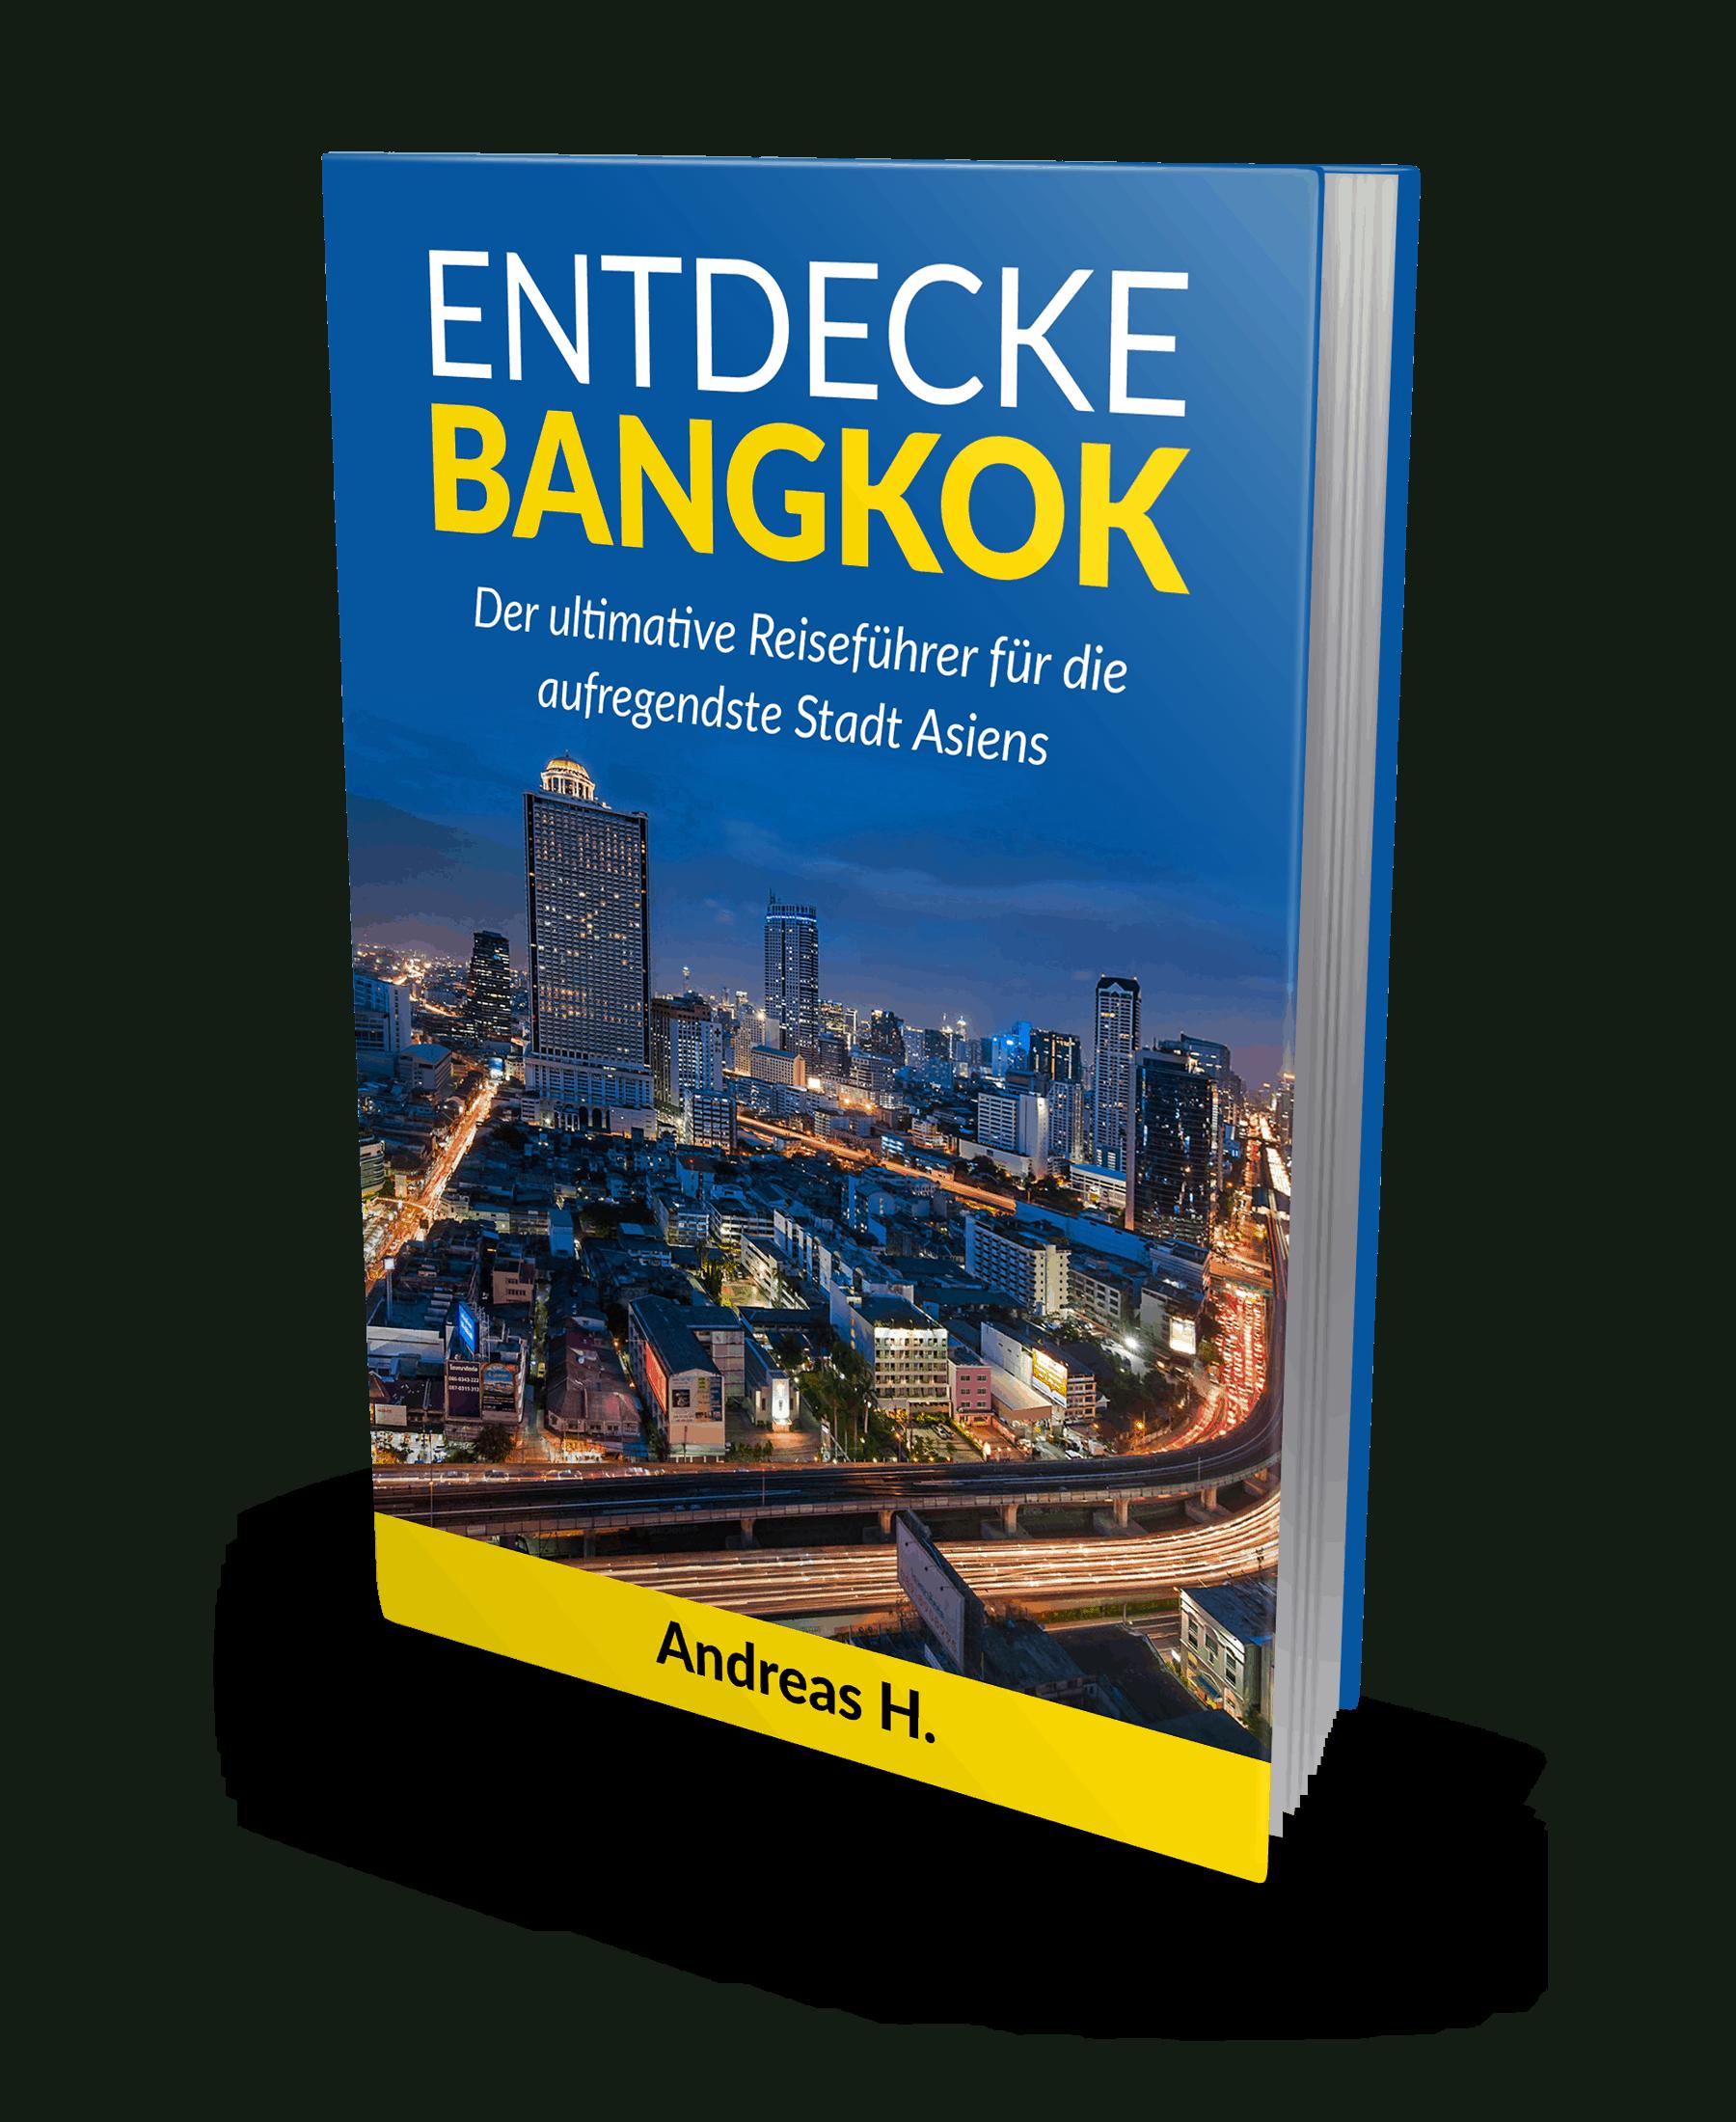 Unterkunft In Bangkok Die Besten Stadtteile Und Hotels In Bangkok